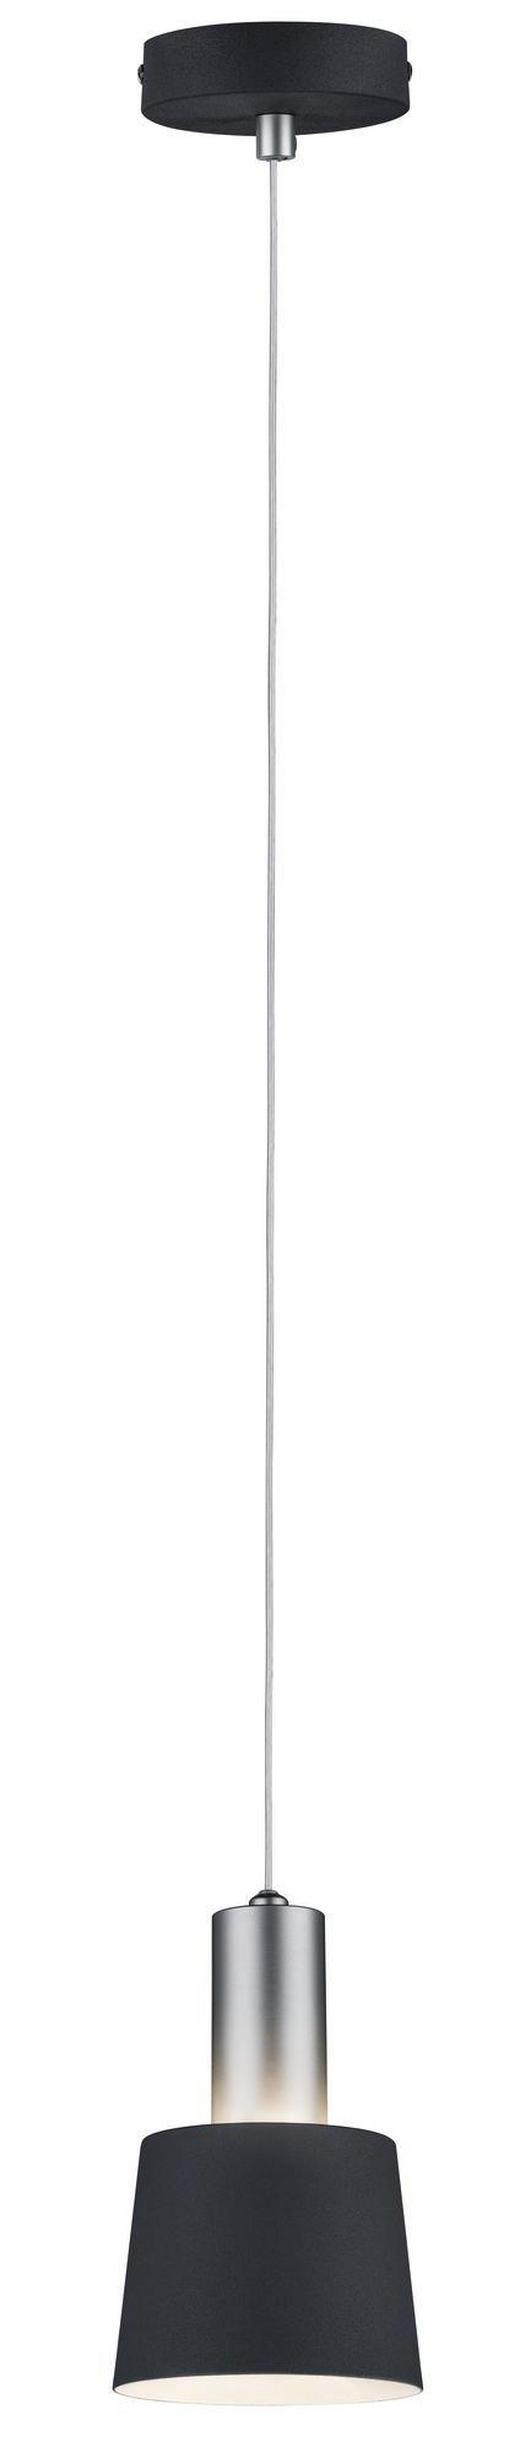 HÄNGELEUCHTE - Chromfarben/Dunkelgrau, Design, Metall (12/172cm)